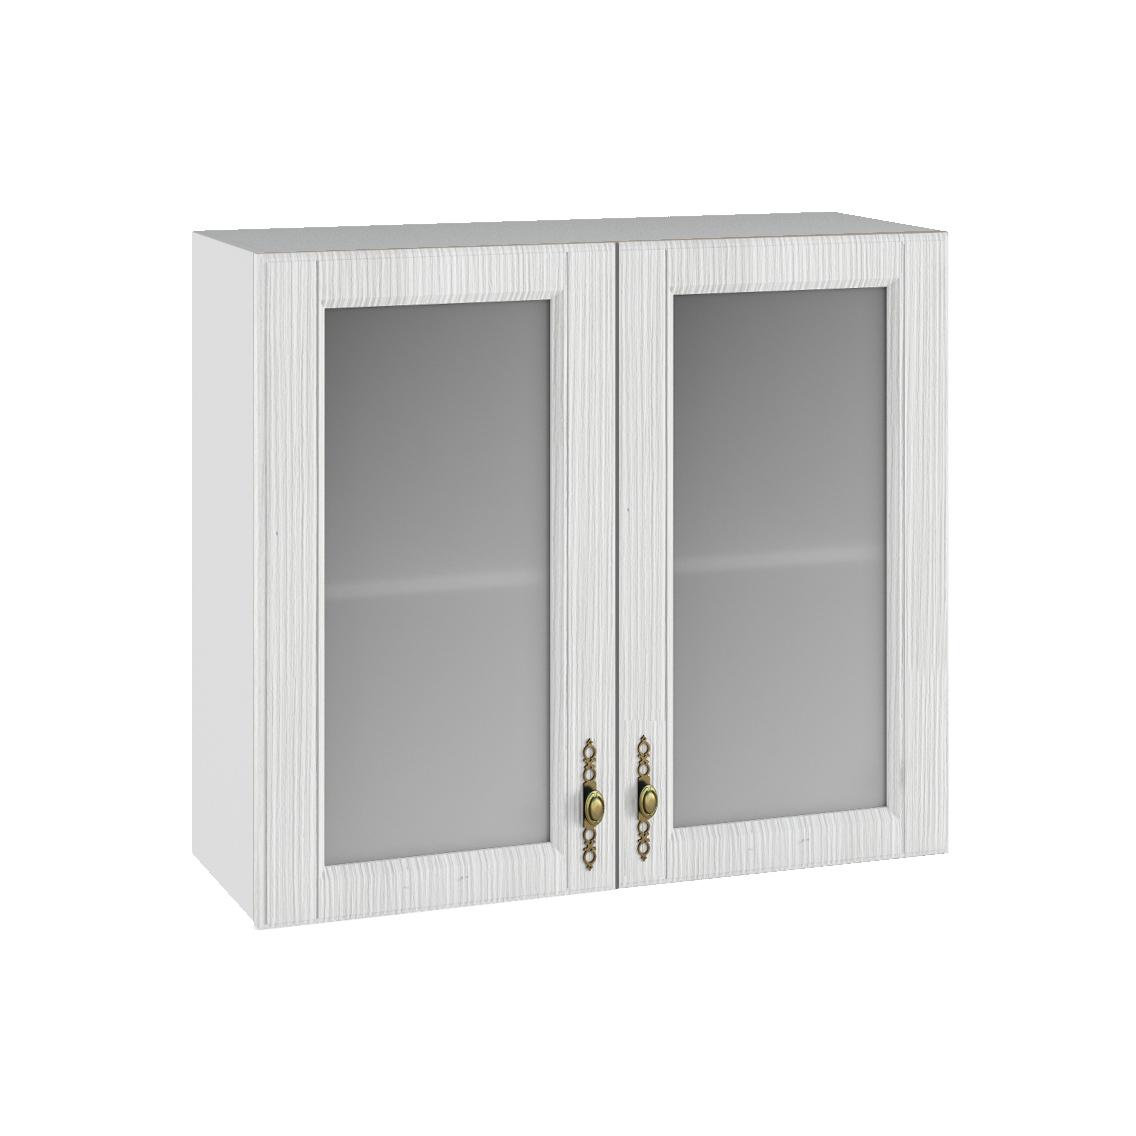 Кухня Империя ПС 800 Шкаф верхний стекло